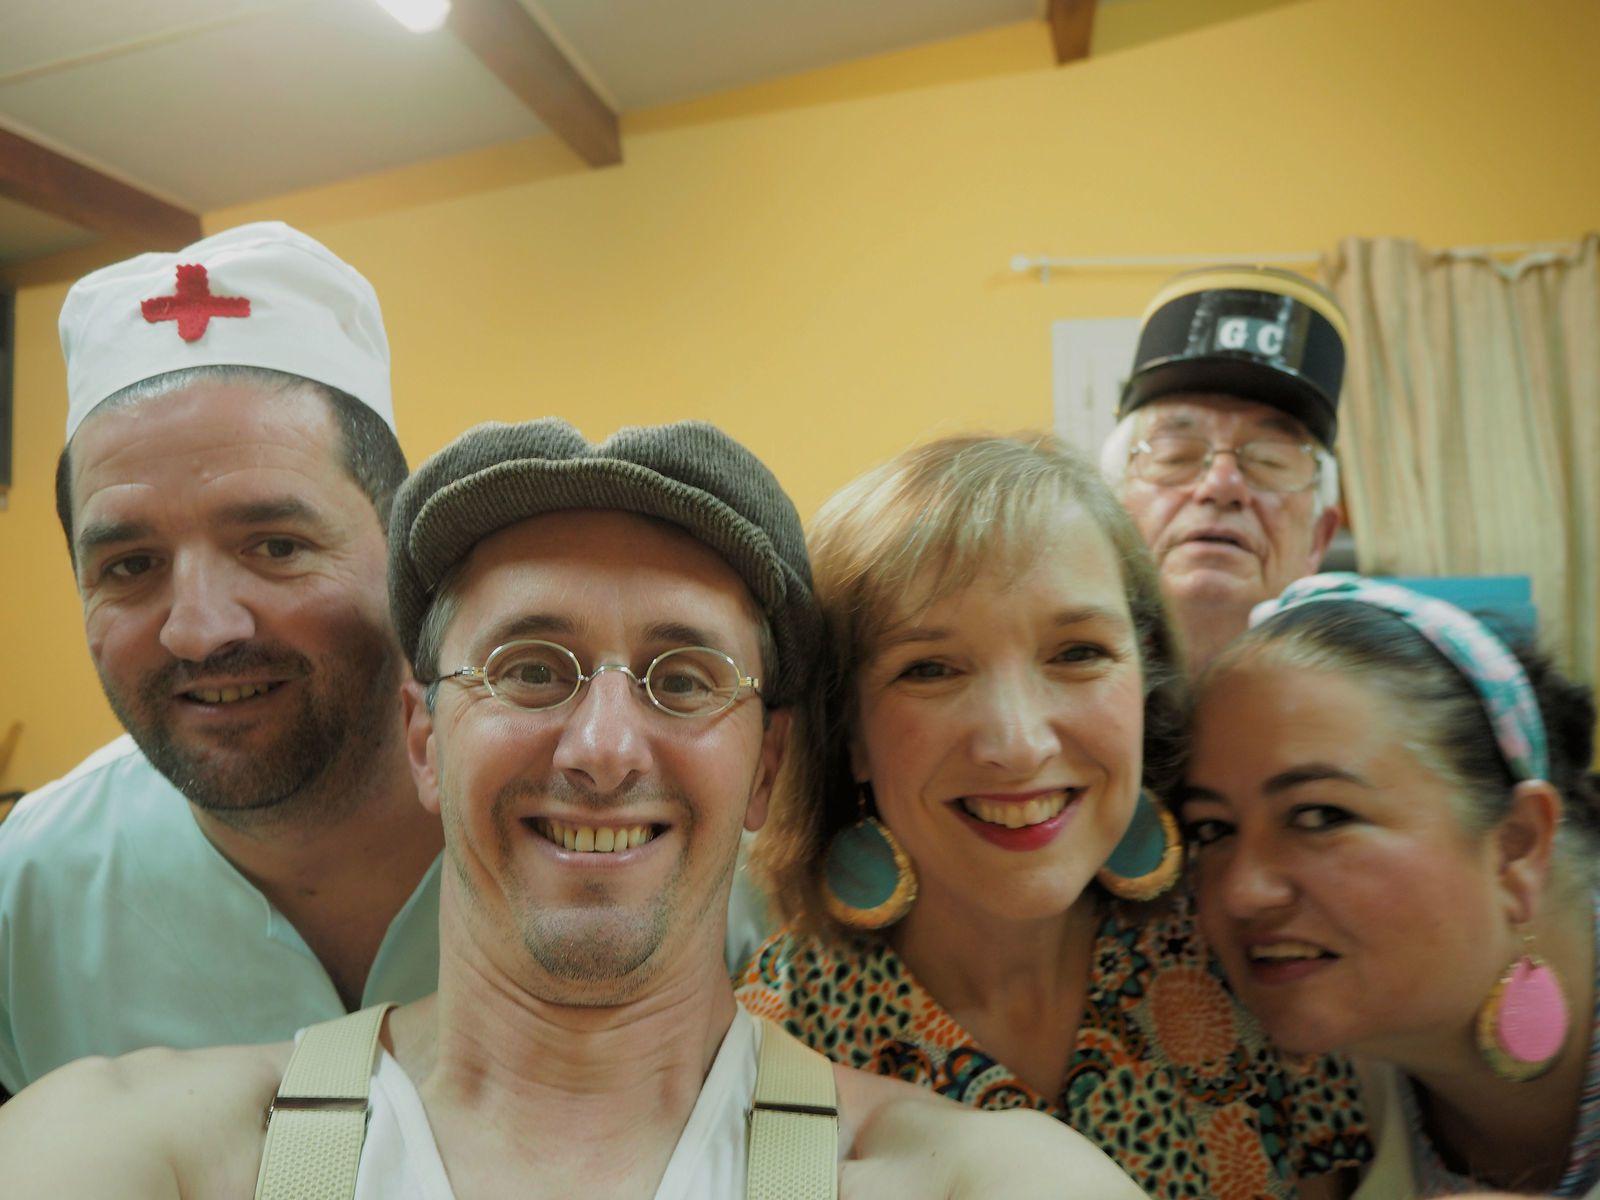 Selfie de la joyeuse troupe en coulisses